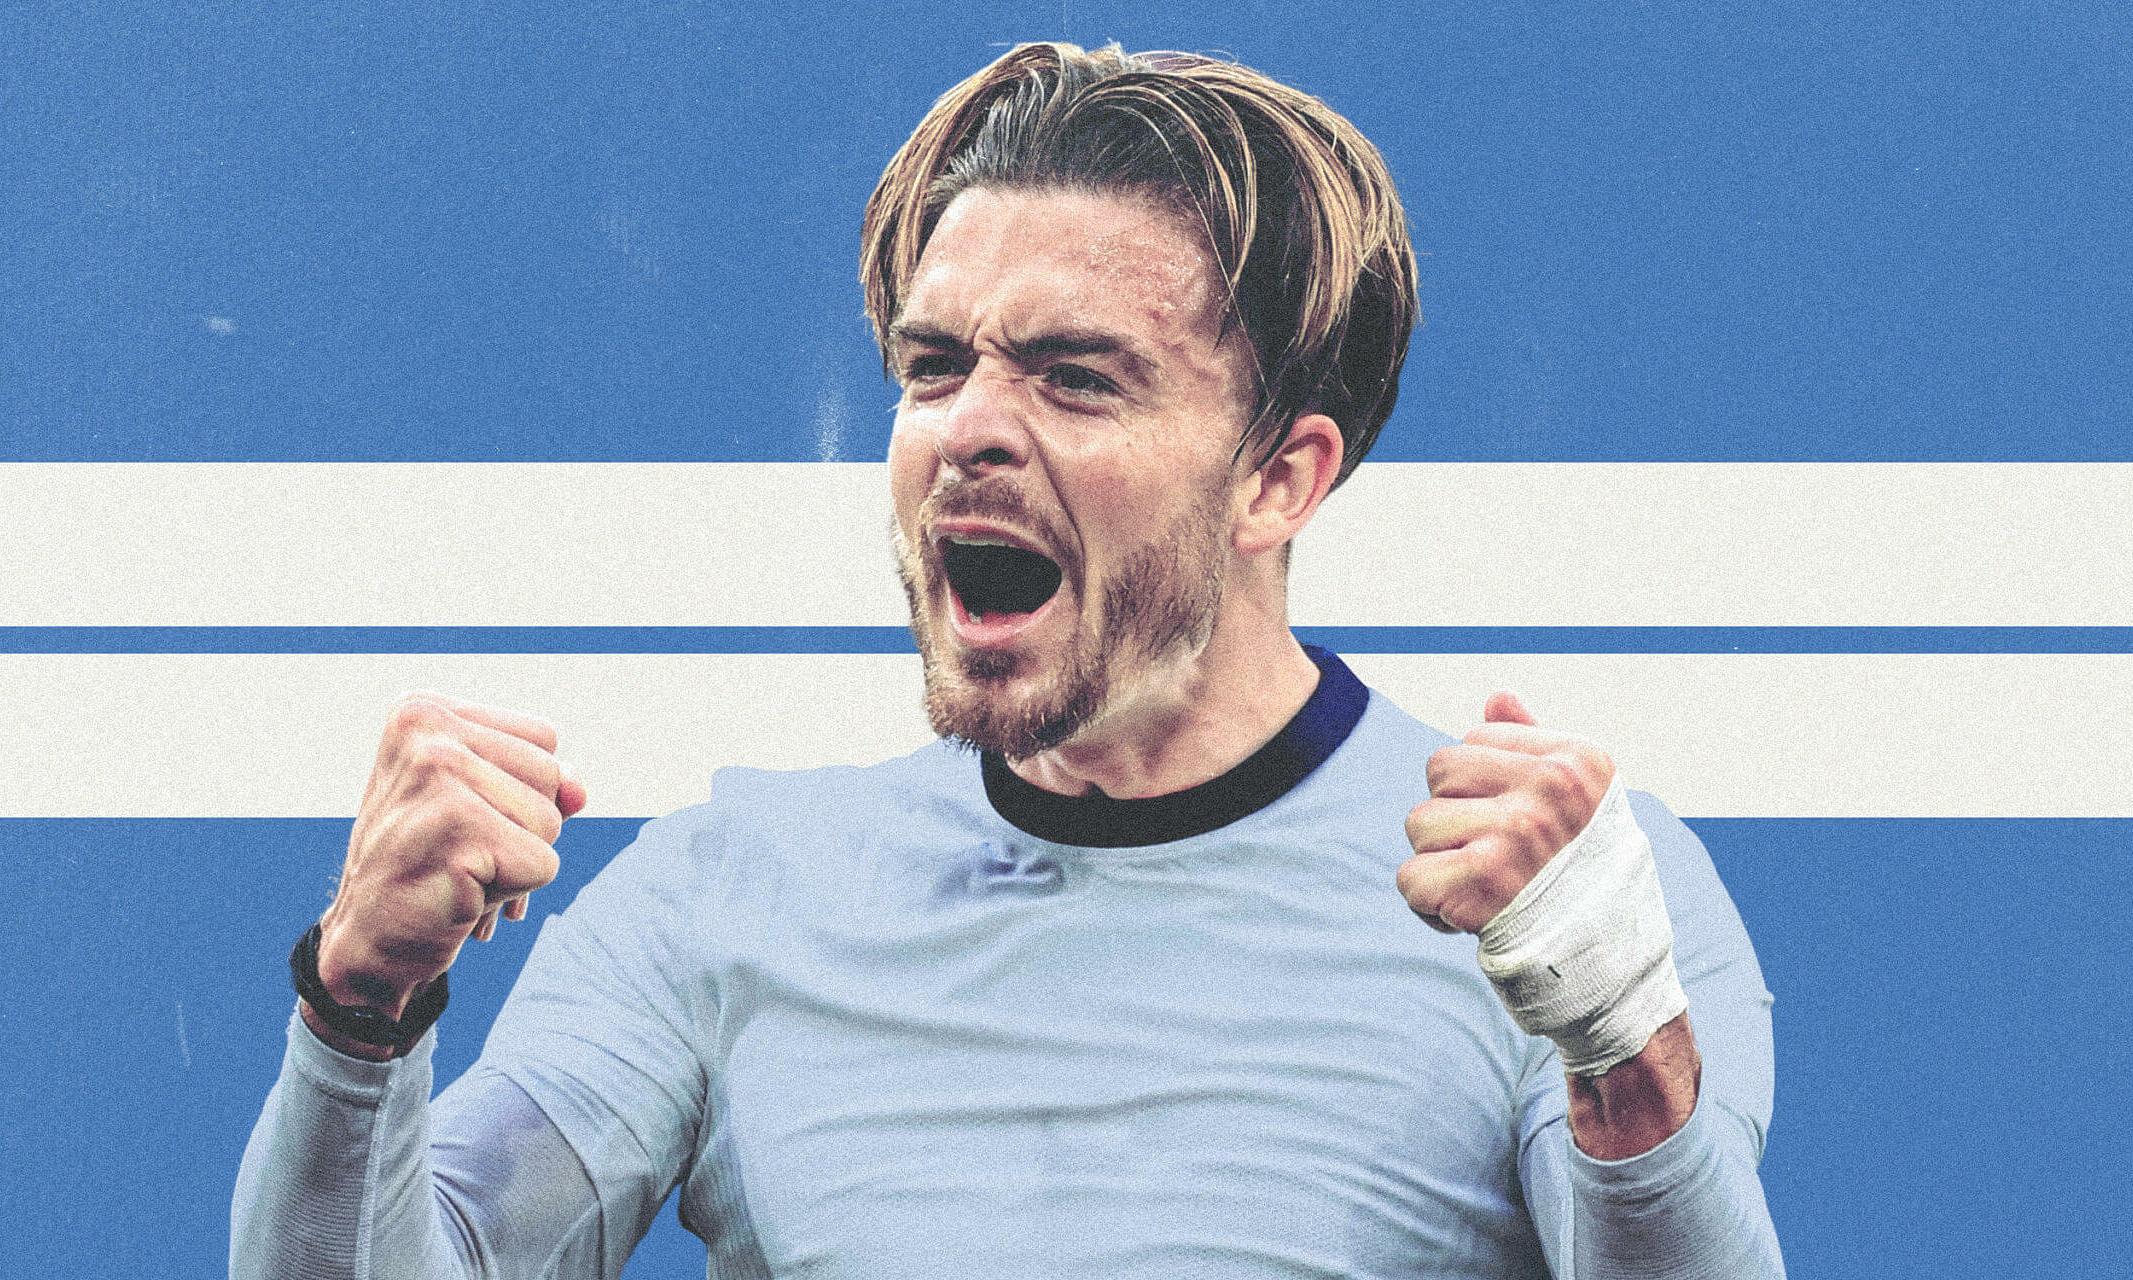 Trận Siêu Cup Anh hôm nay là cơ hội để Grealish trình làng trong màu áo mới sau thương vụ kỷ lục từ Aston Villa sang Man City. Ảnh: Athletic